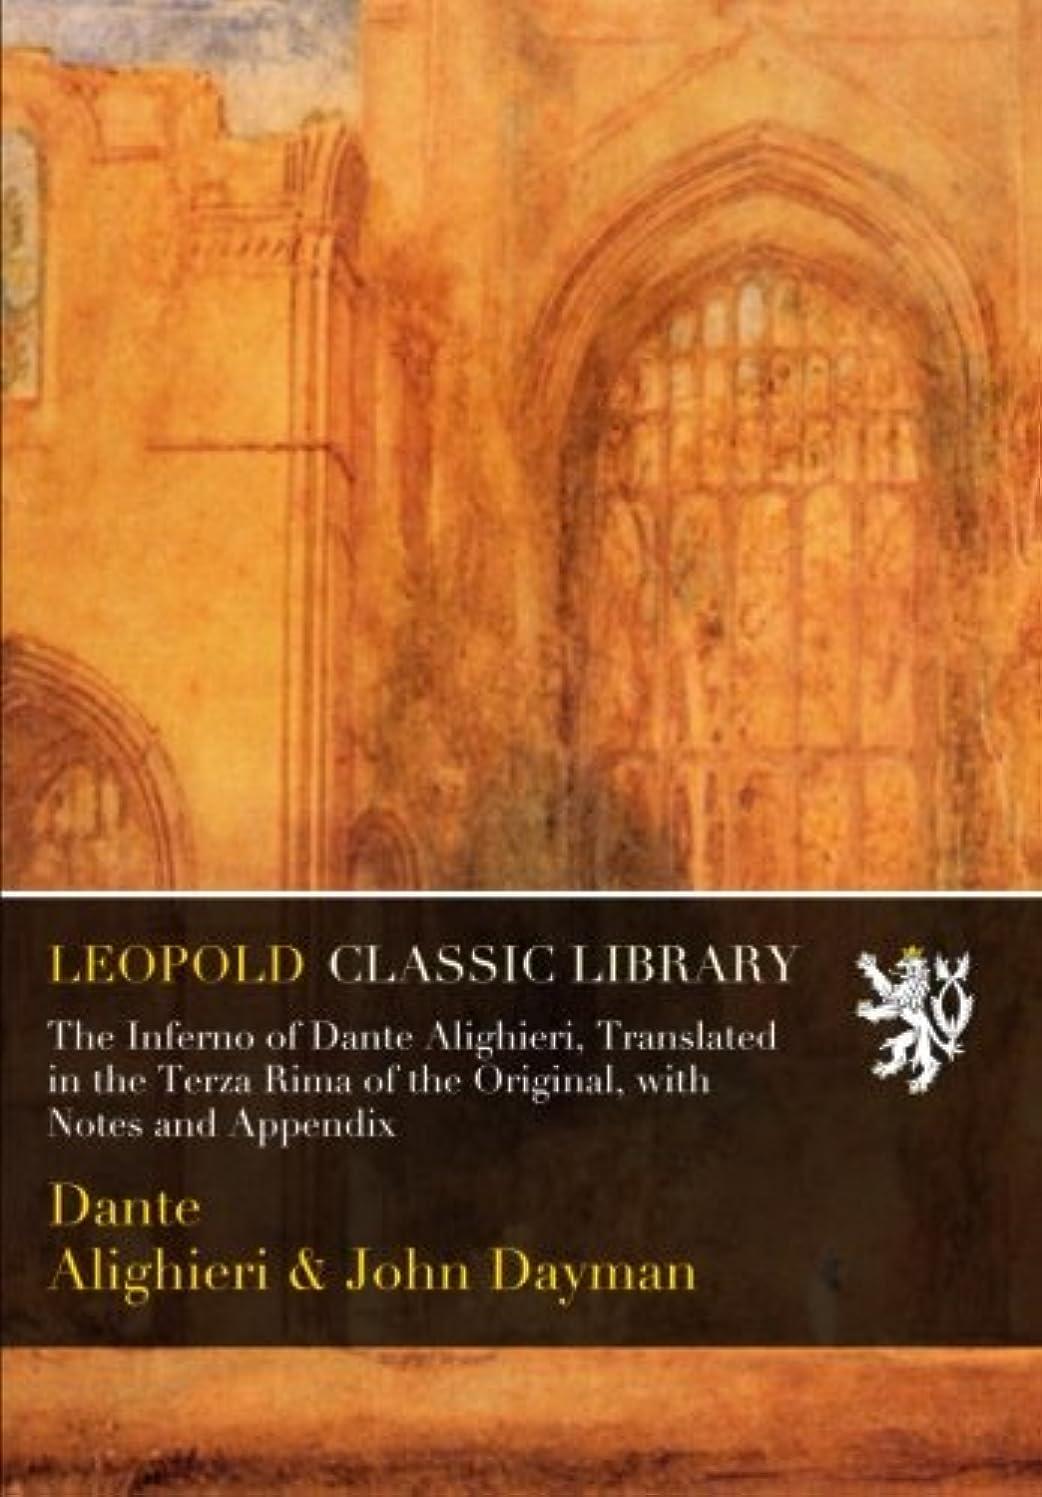 投げるカバー作物The Inferno of Dante Alighieri, Translated in the Terza Rima of the Original, with Notes and Appendix